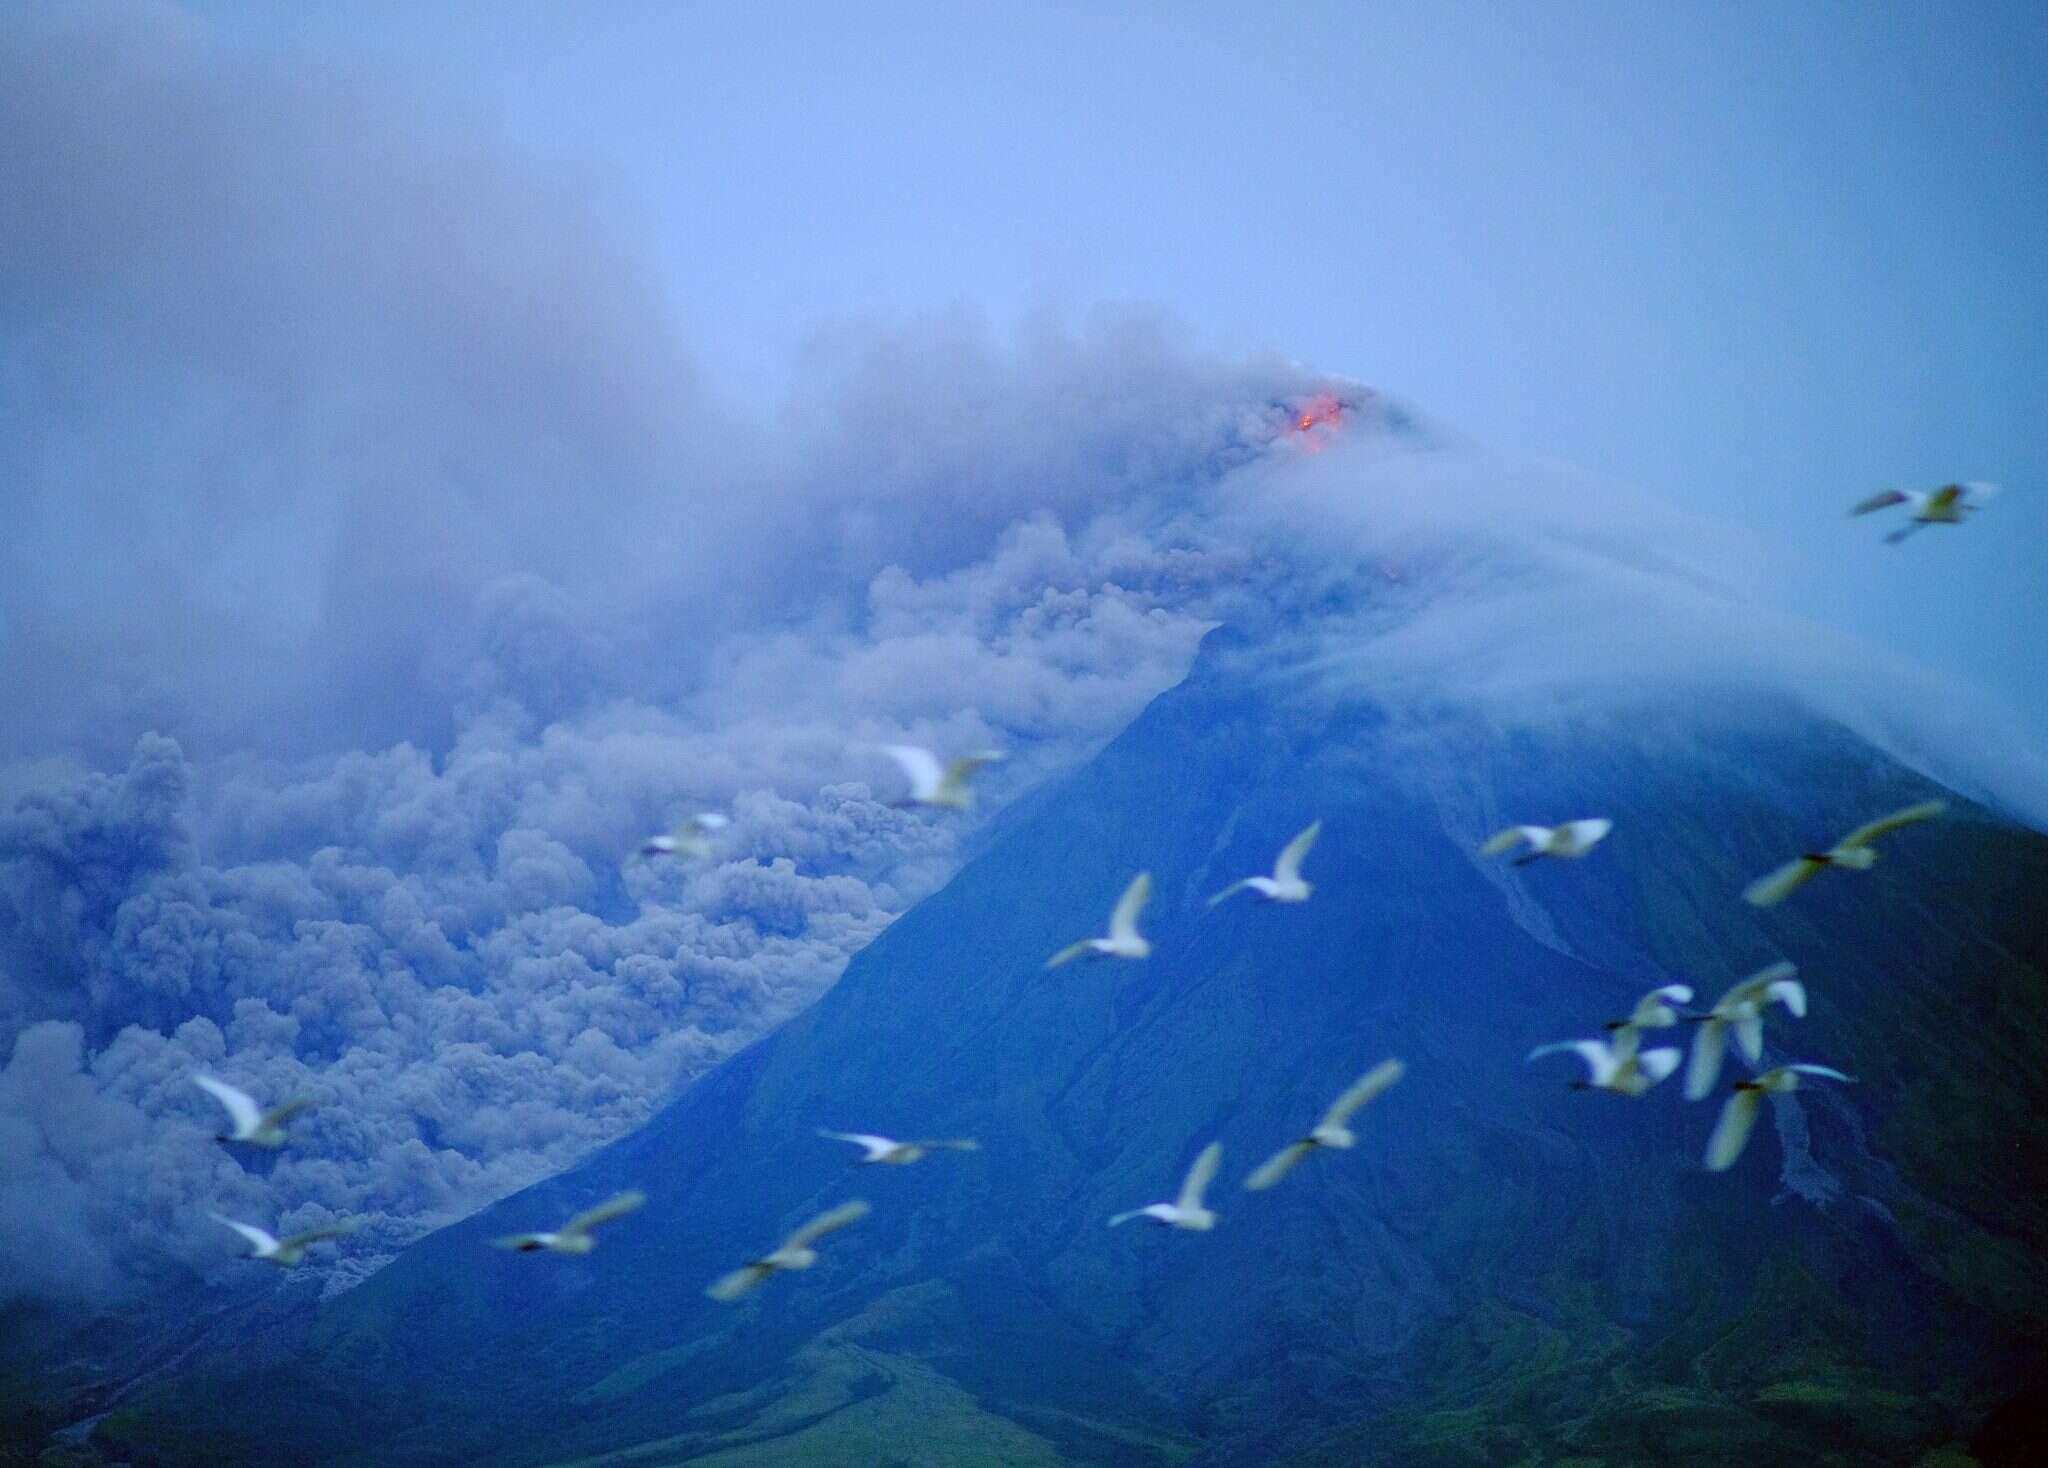 מפלי לבה בעקבות התפרצות הר הגעש מאיון שבפיליפינים. צילום: EPA